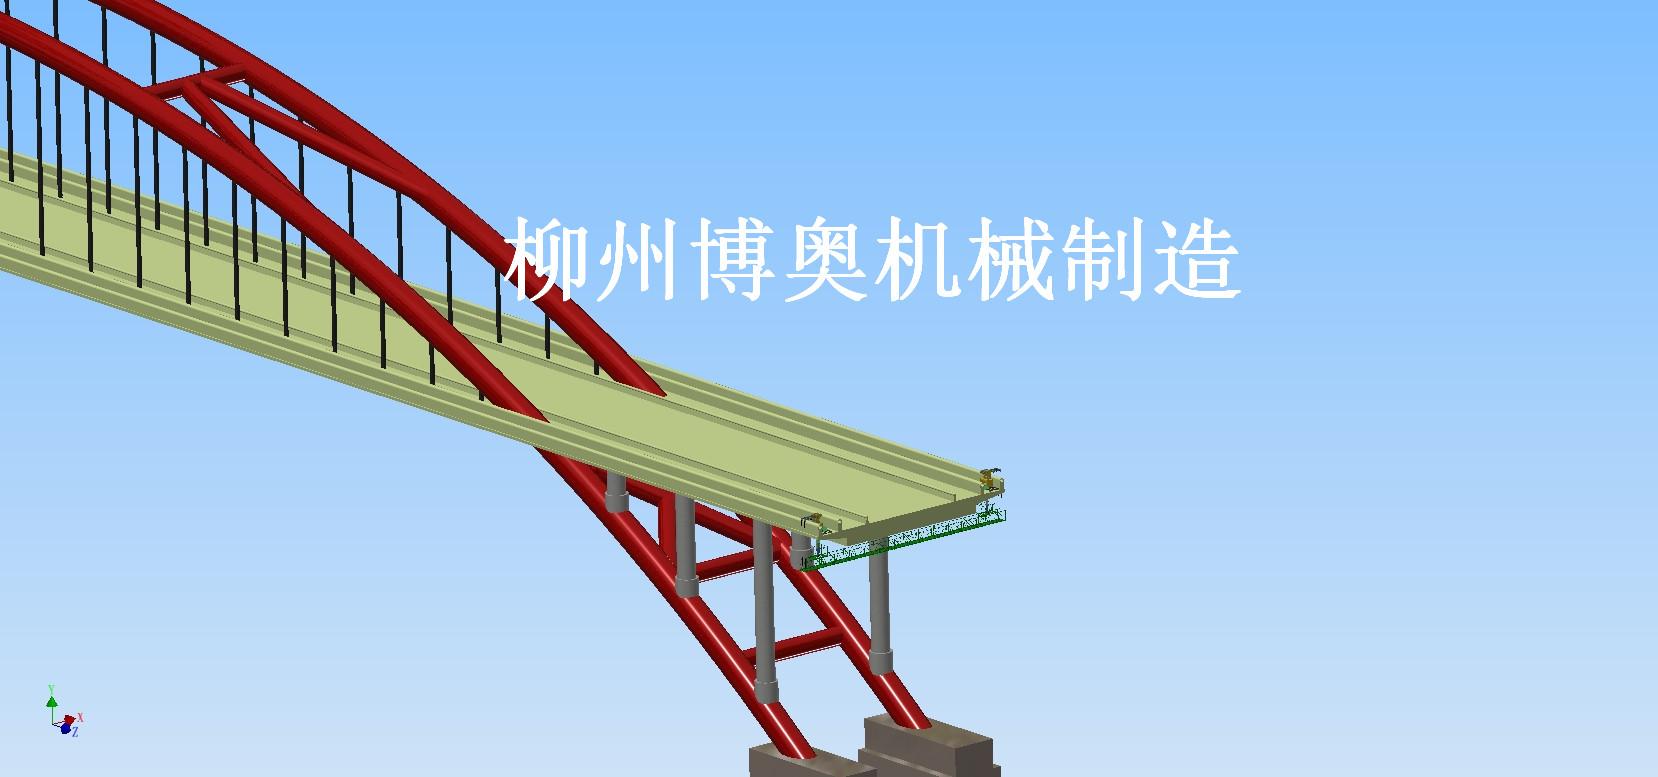 彩虹桥方案1